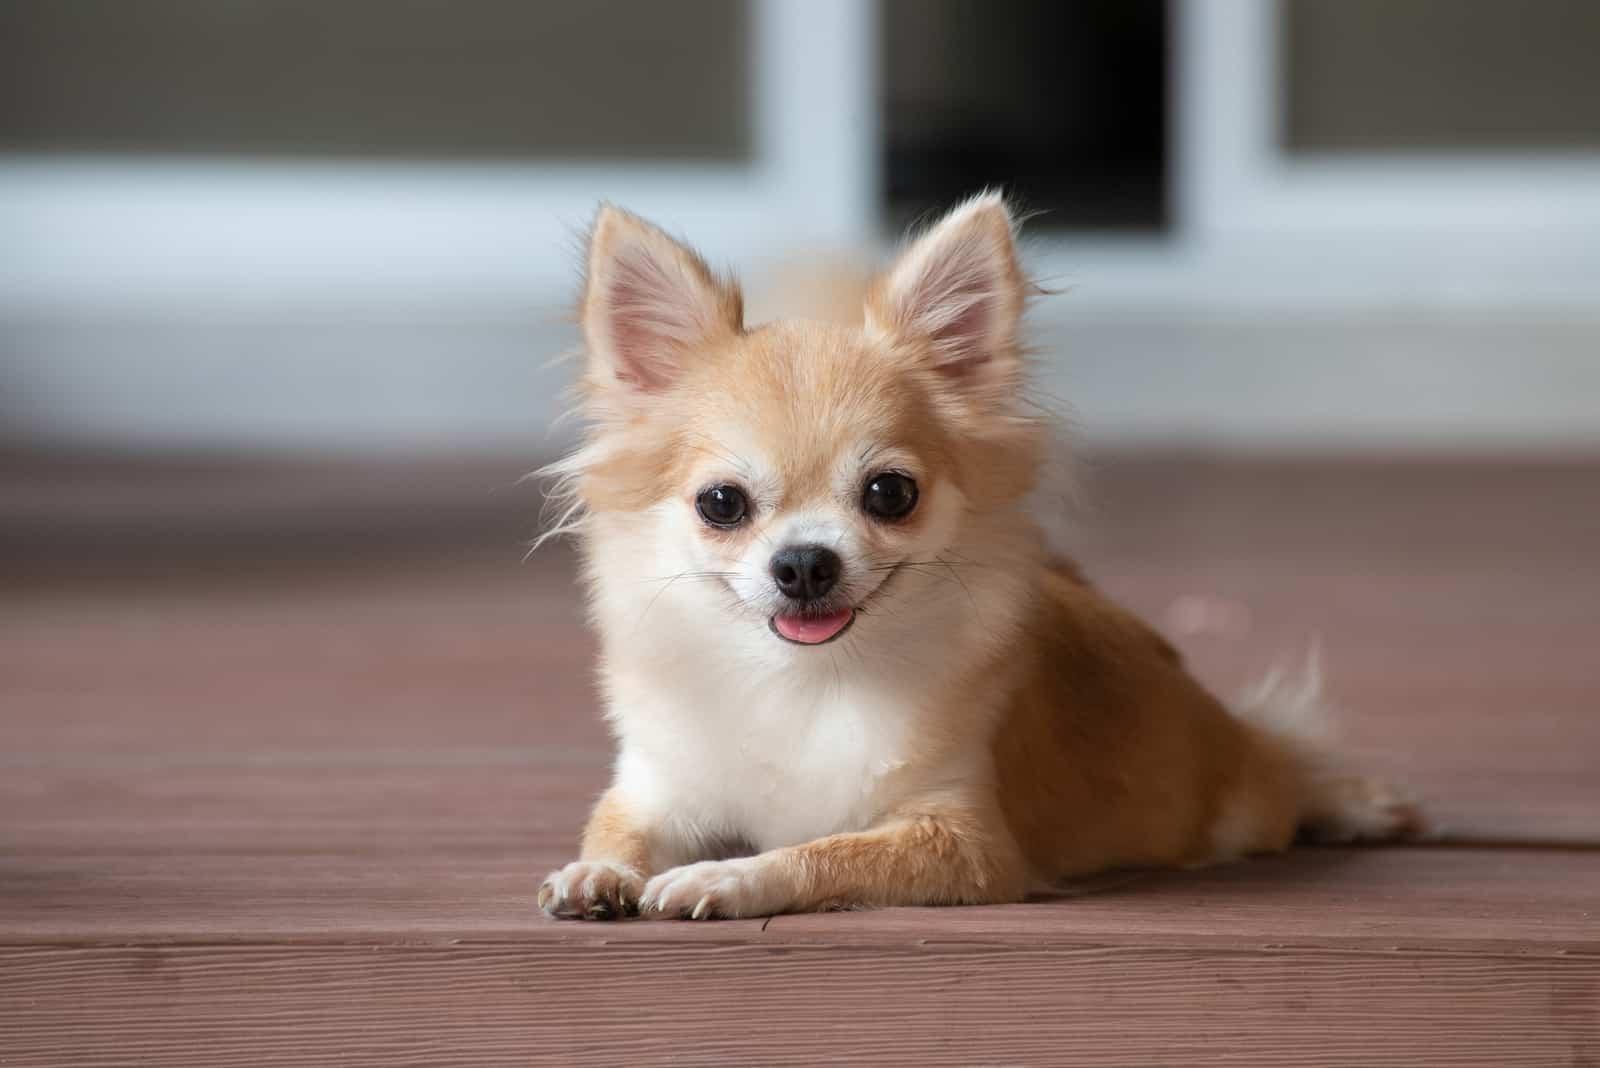 brauner Chihuahua auf dem Boden liegend